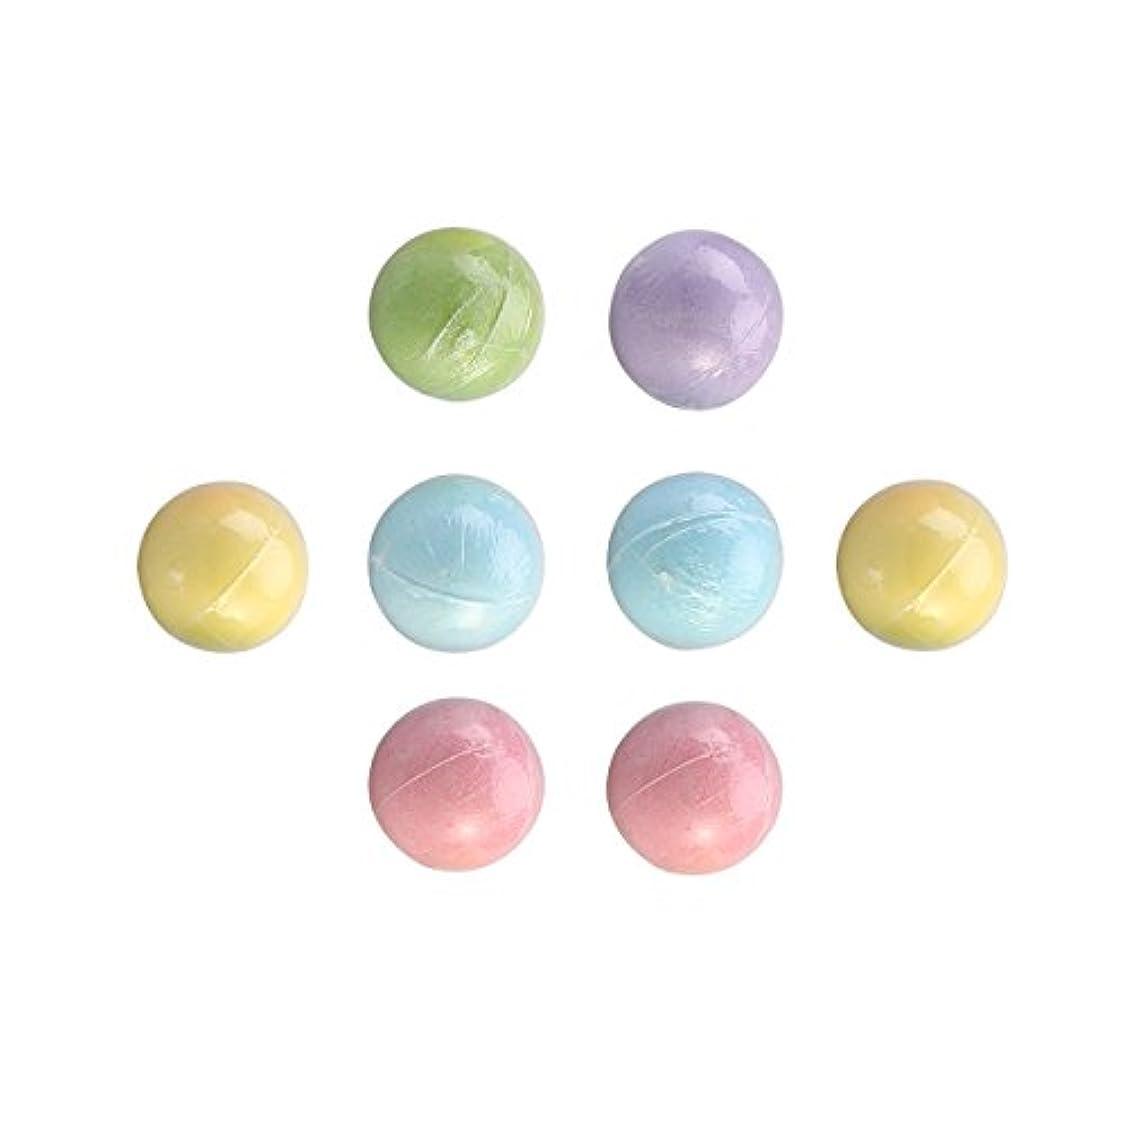 派手指令今Healifty 天然風呂爆弾手作りバブル風呂爆弾ギフトパーフェクトギフトアイデア男性女性8枚(混合色)